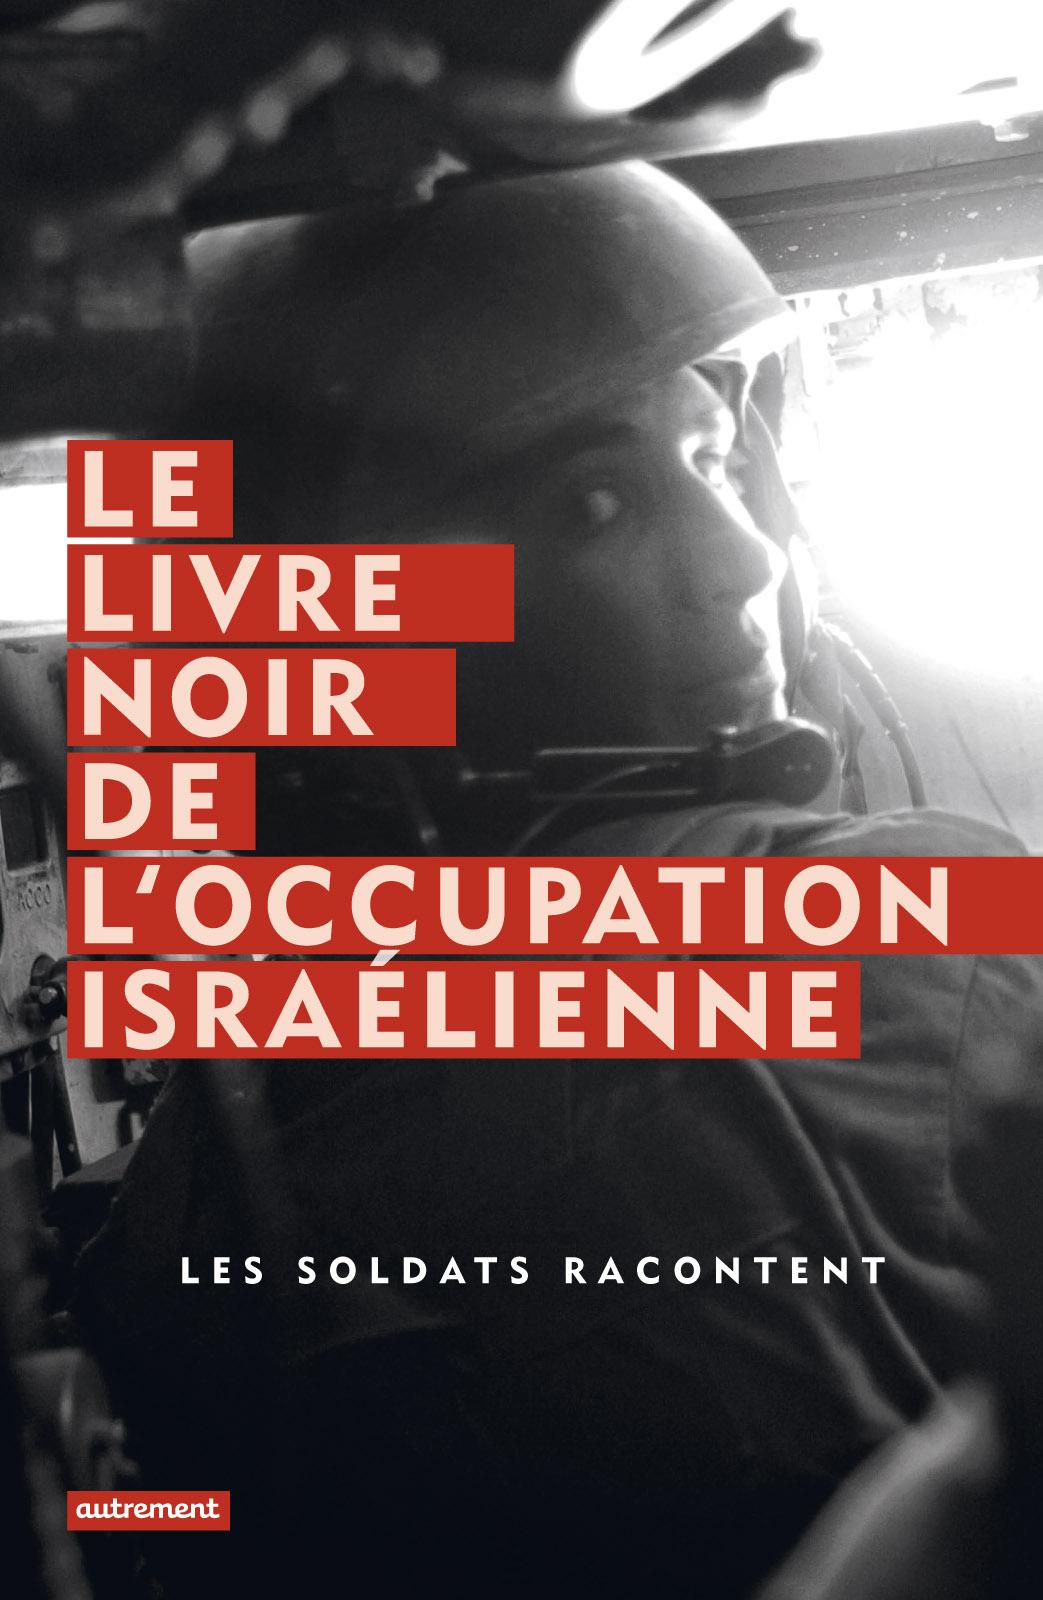 Le Livre noir de l'occupation israélienne, Les soldats racontent